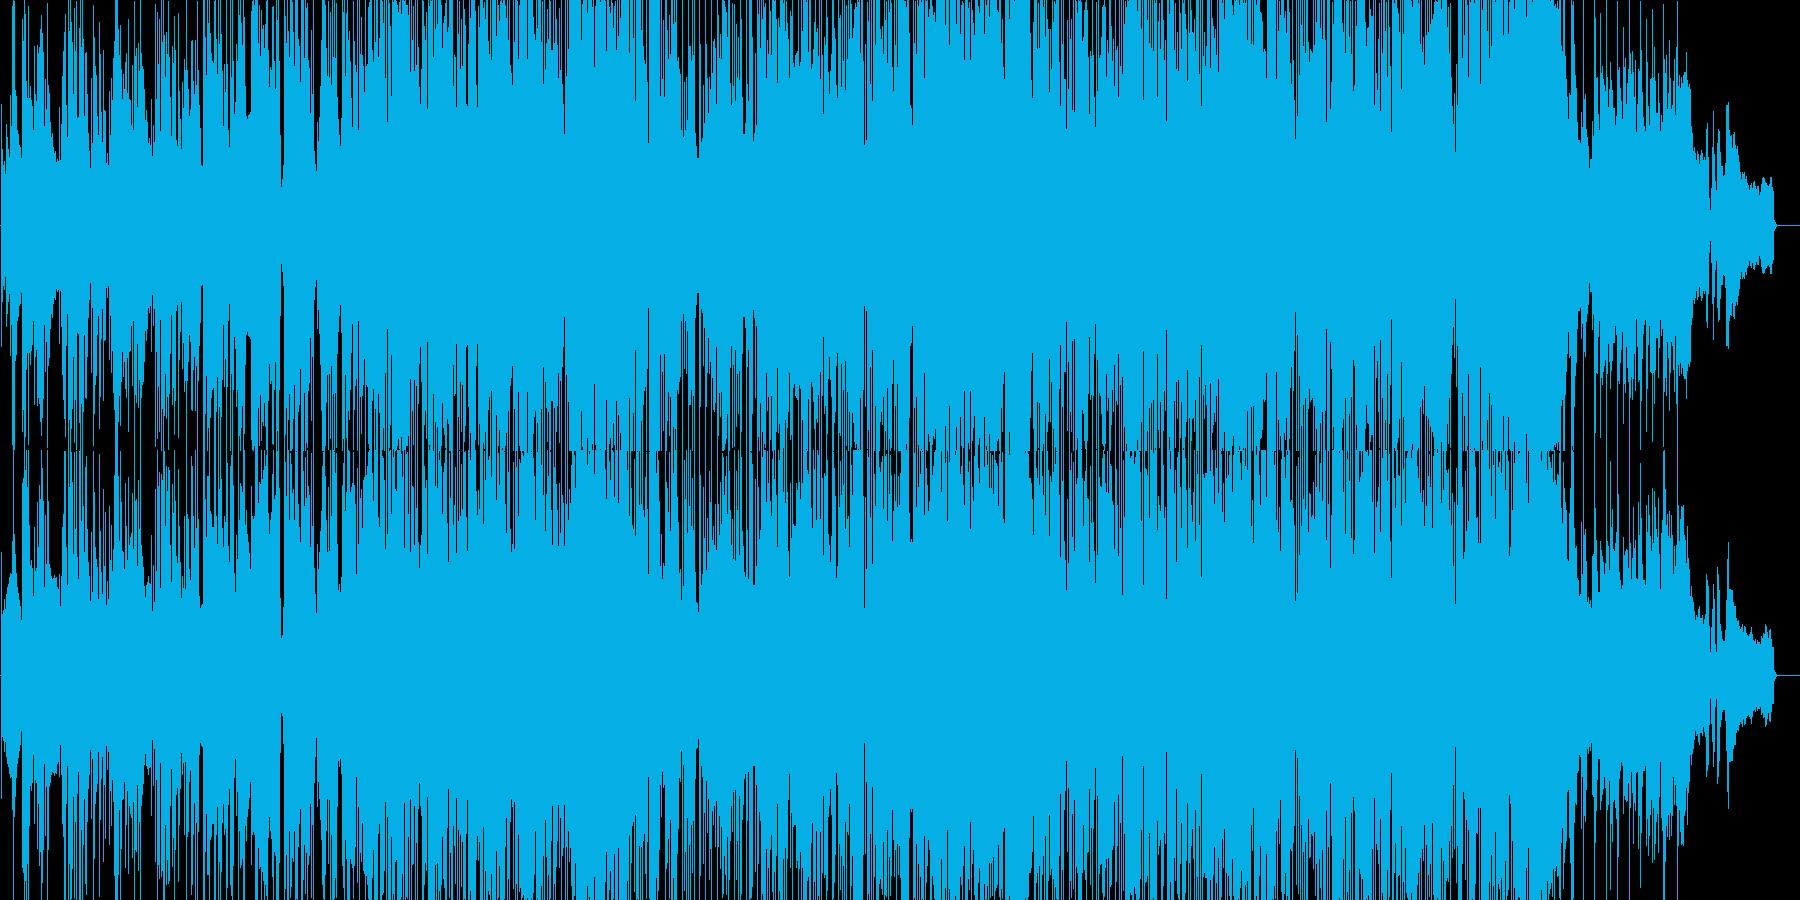 ゆったりとした雰囲気のジャズブルースの再生済みの波形